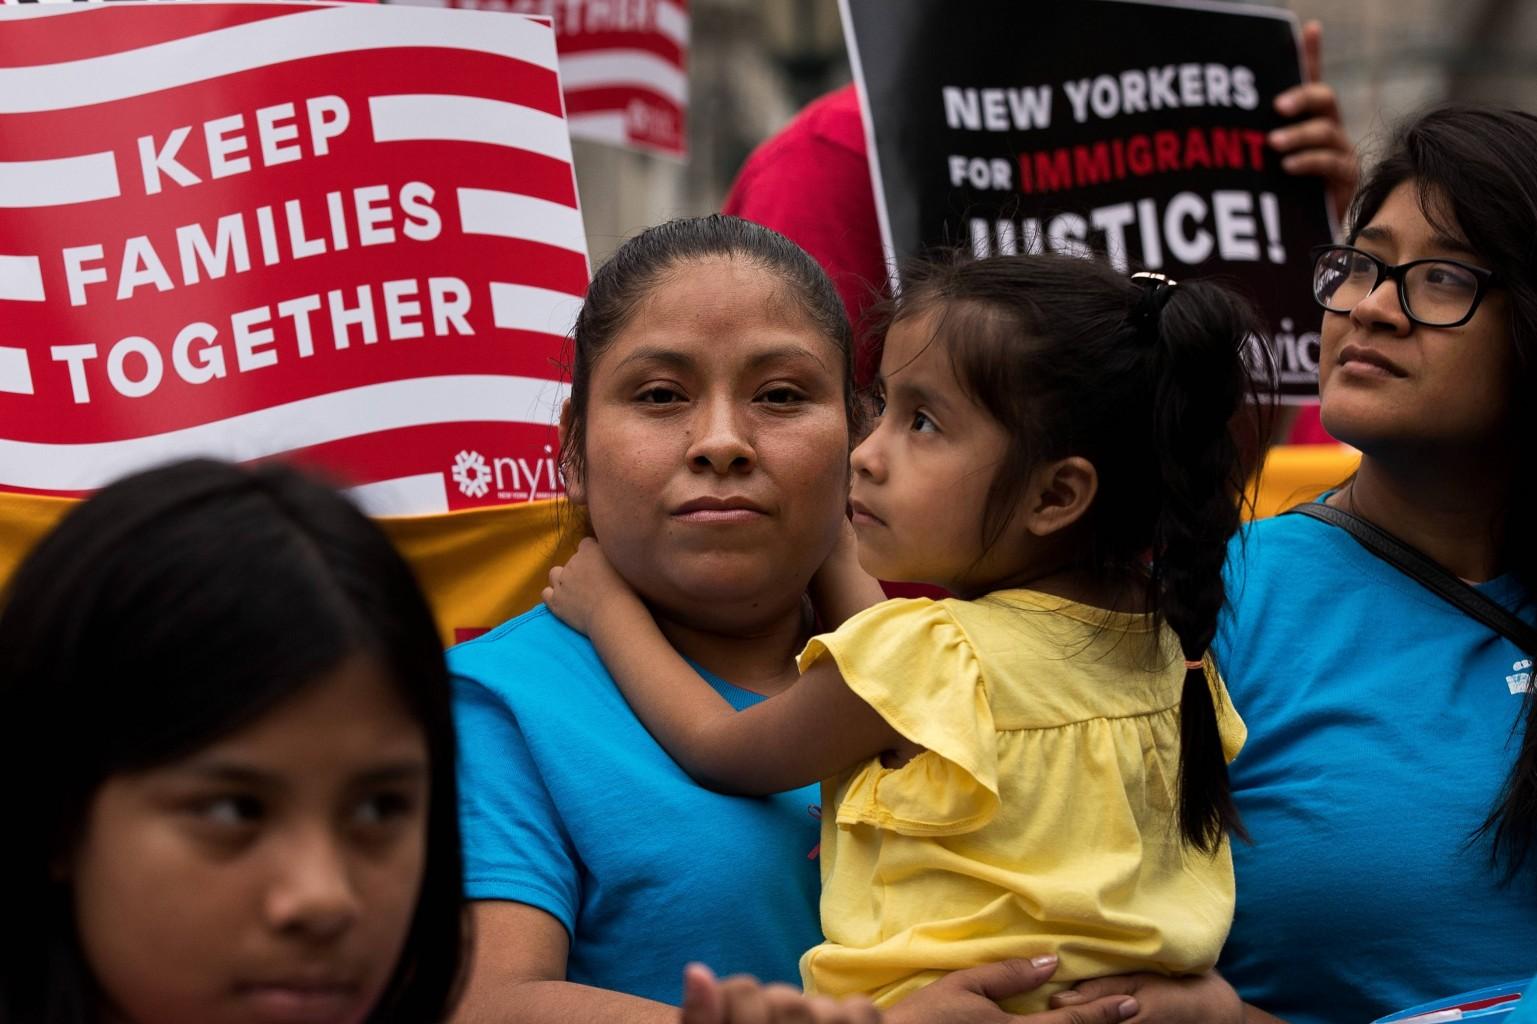 Familias migrantes que fueron separadas piden residencia